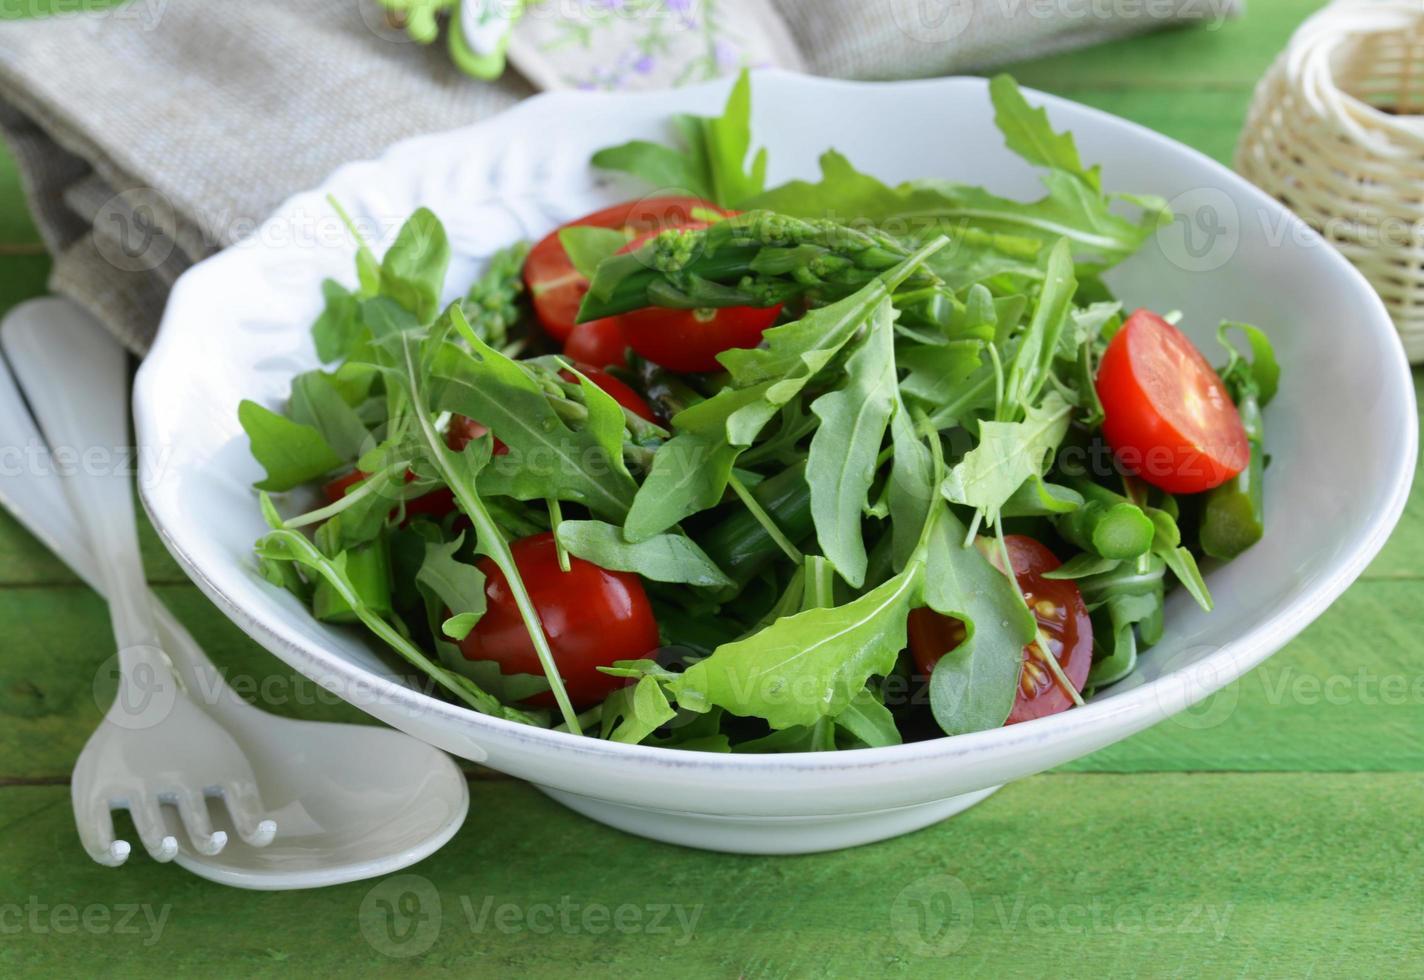 salade met rucola en tomaten geserveerd op een houten tafel foto